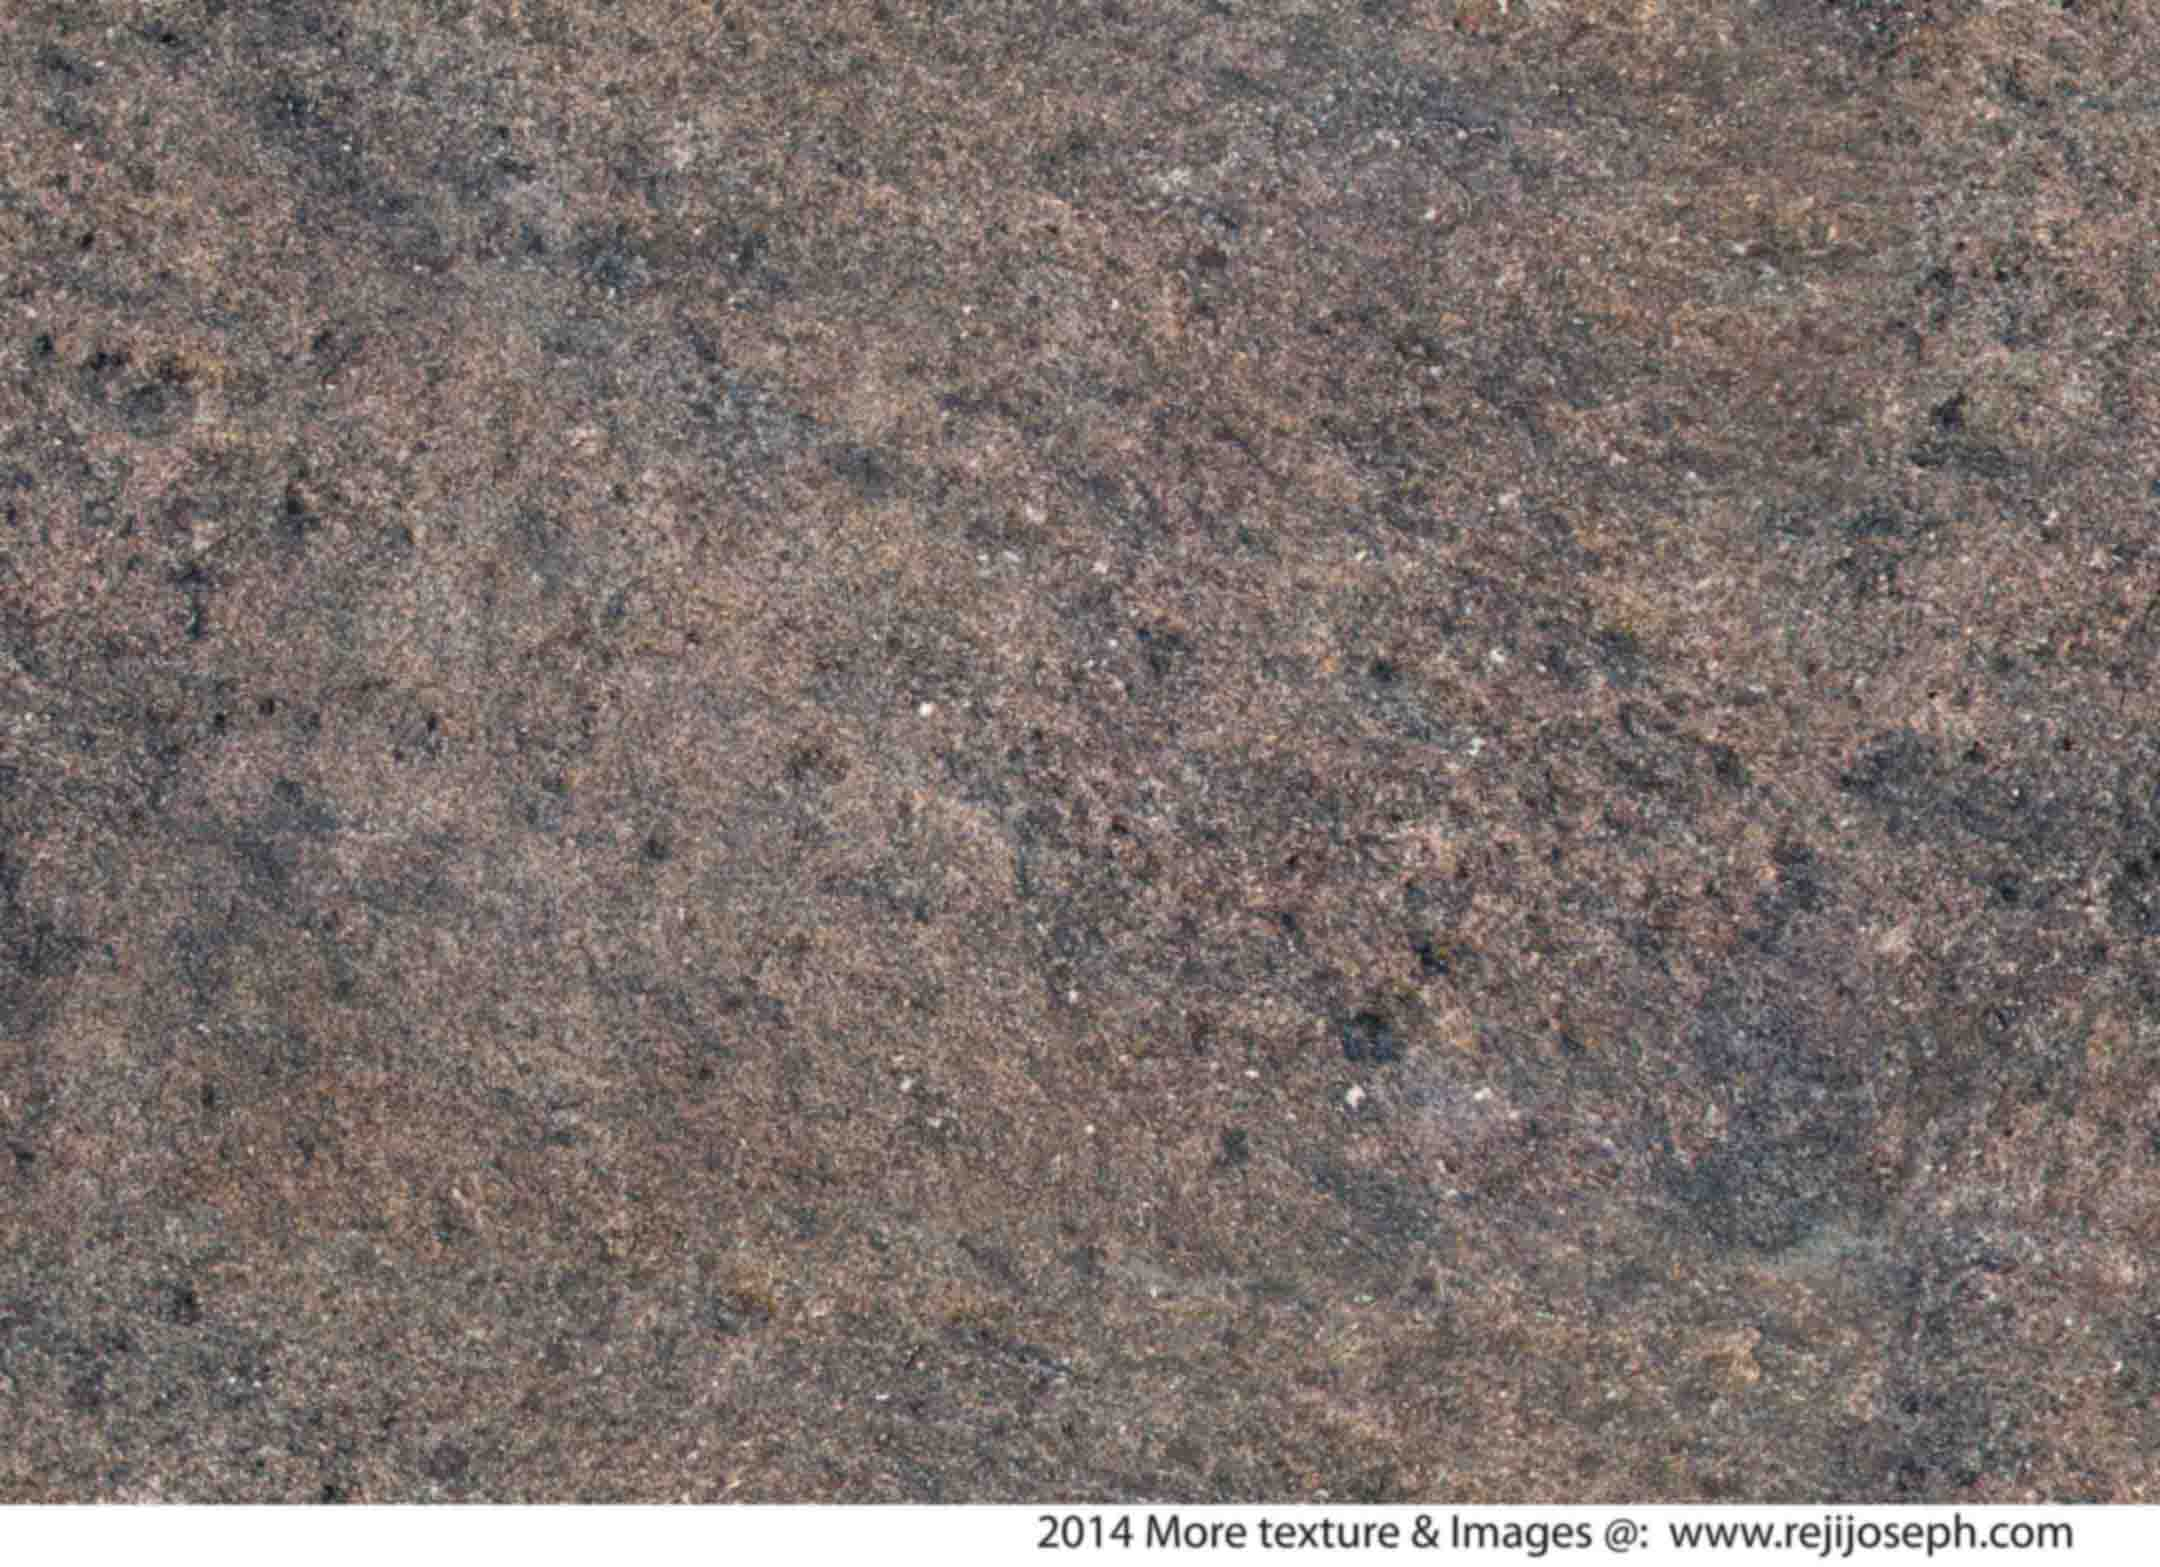 Rock texture 00004